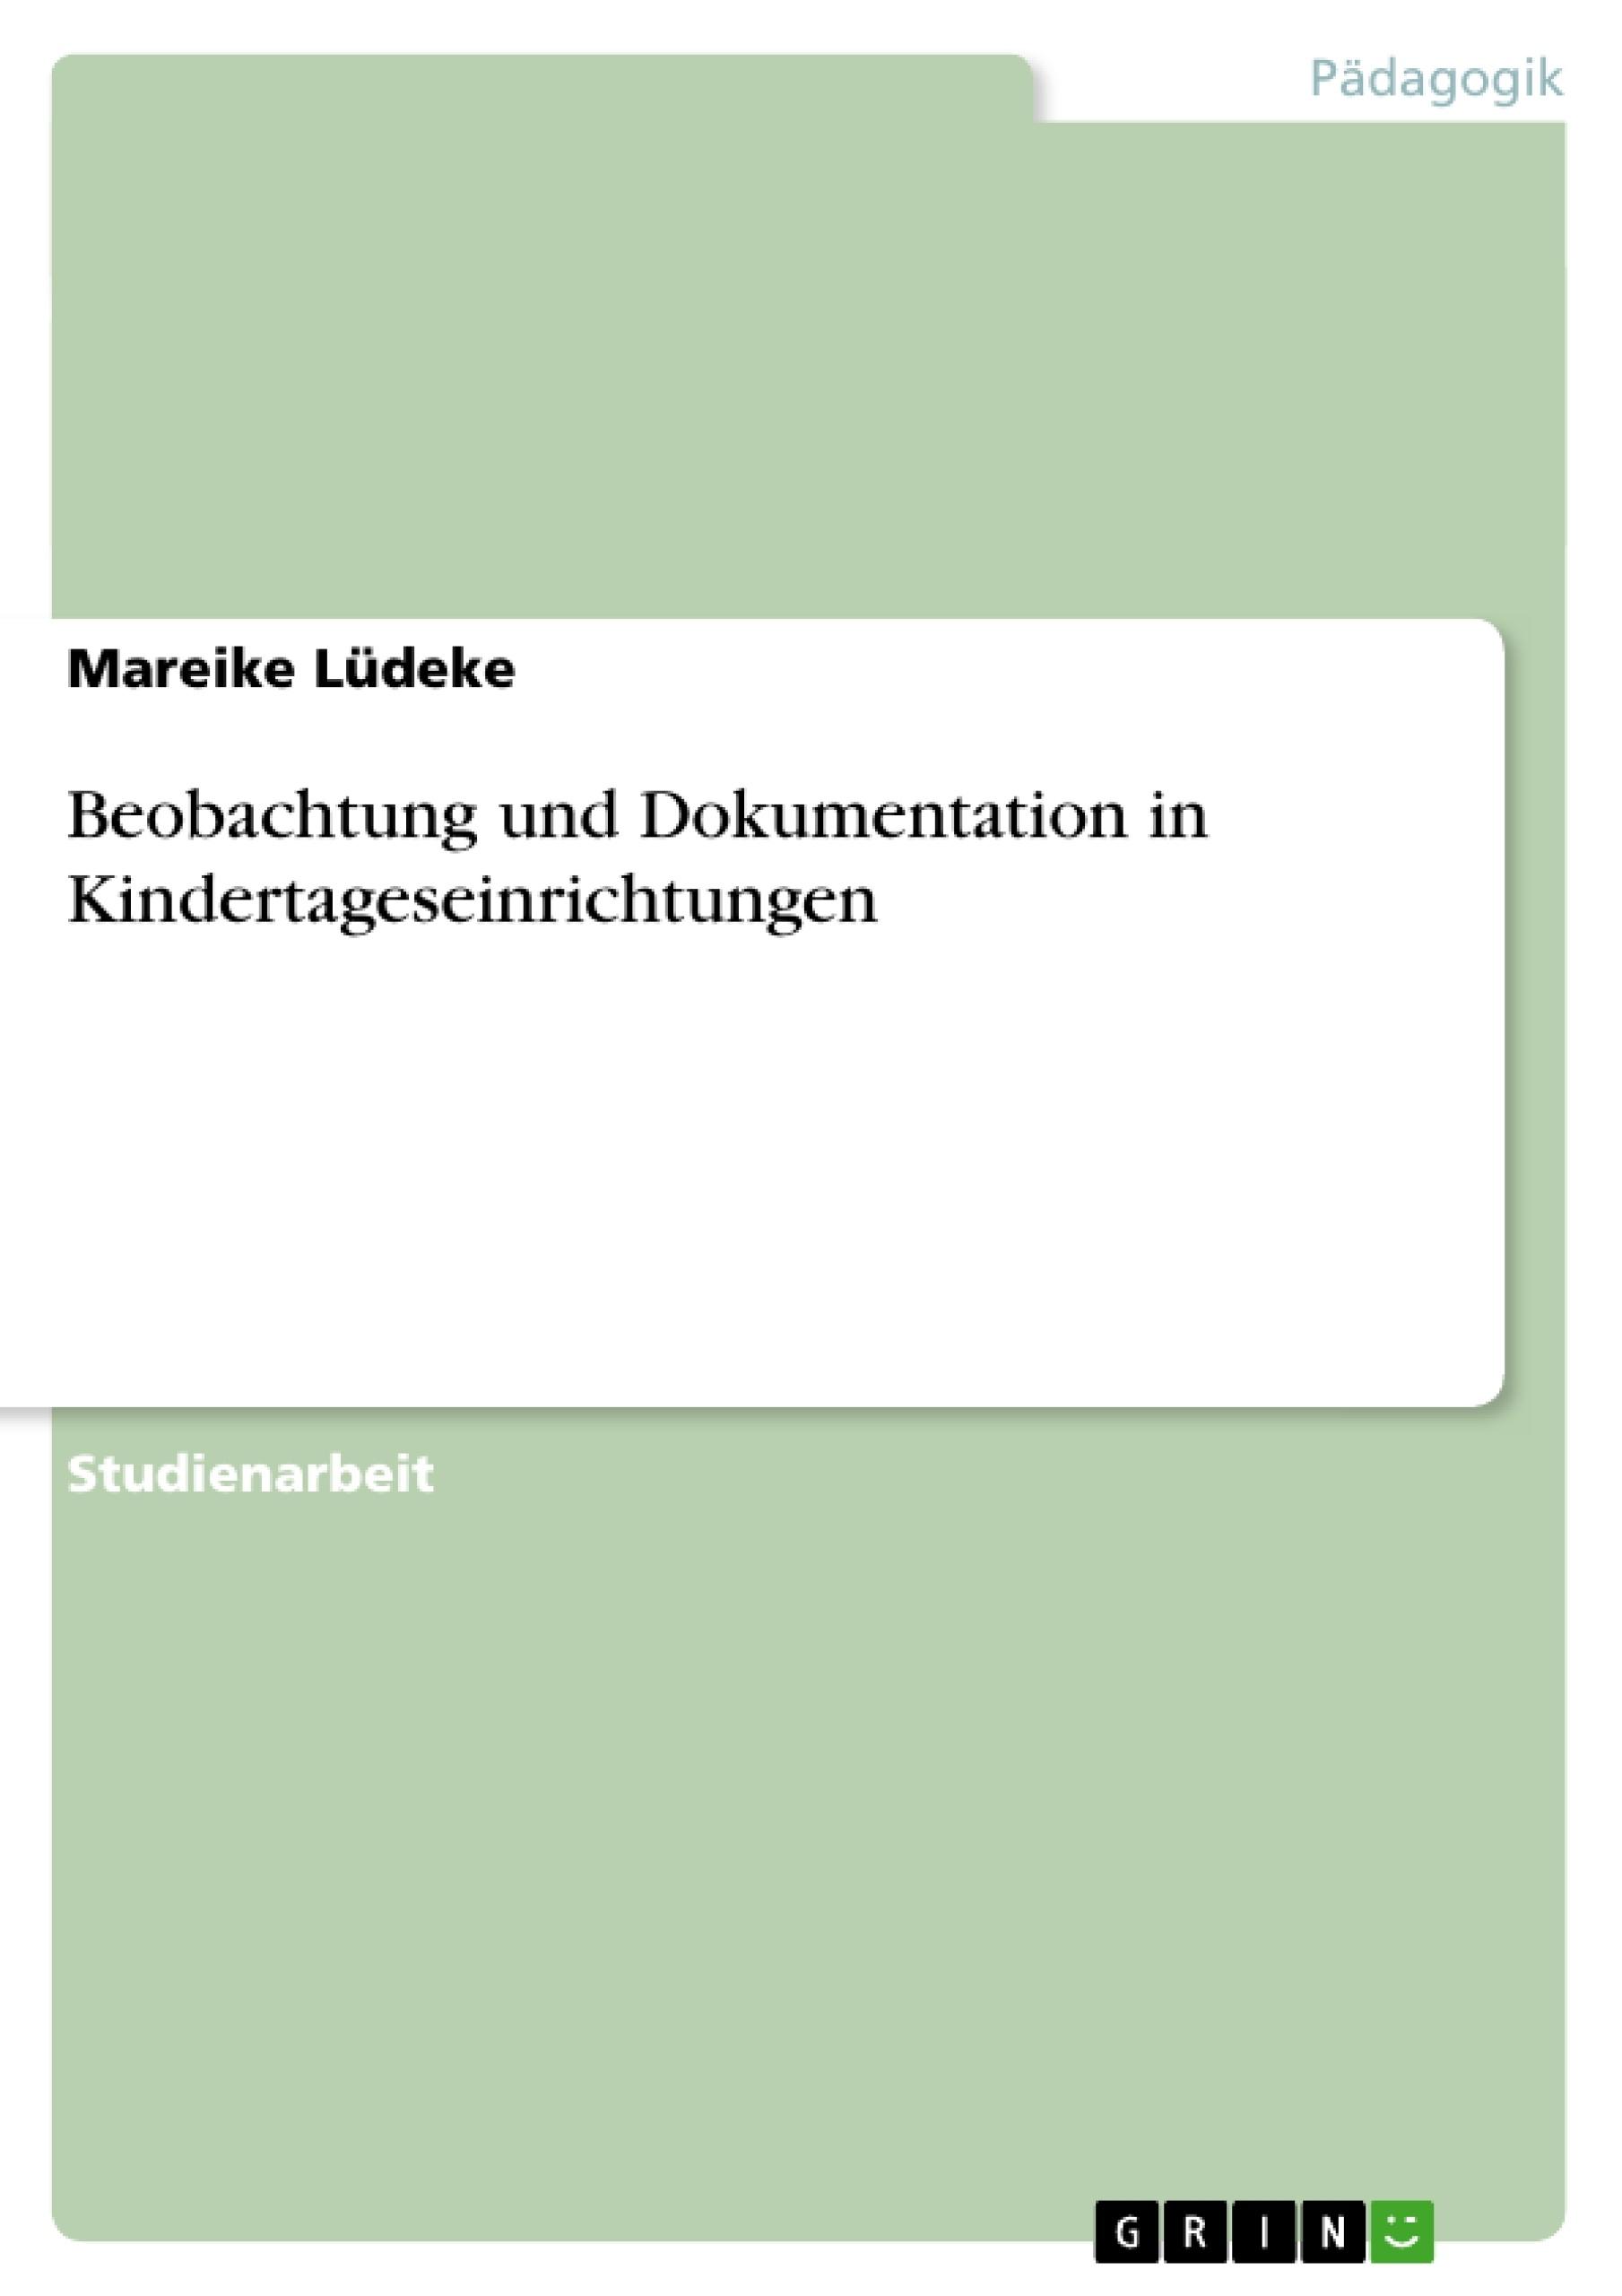 Titel: Beobachtung und Dokumentation in Kindertageseinrichtungen